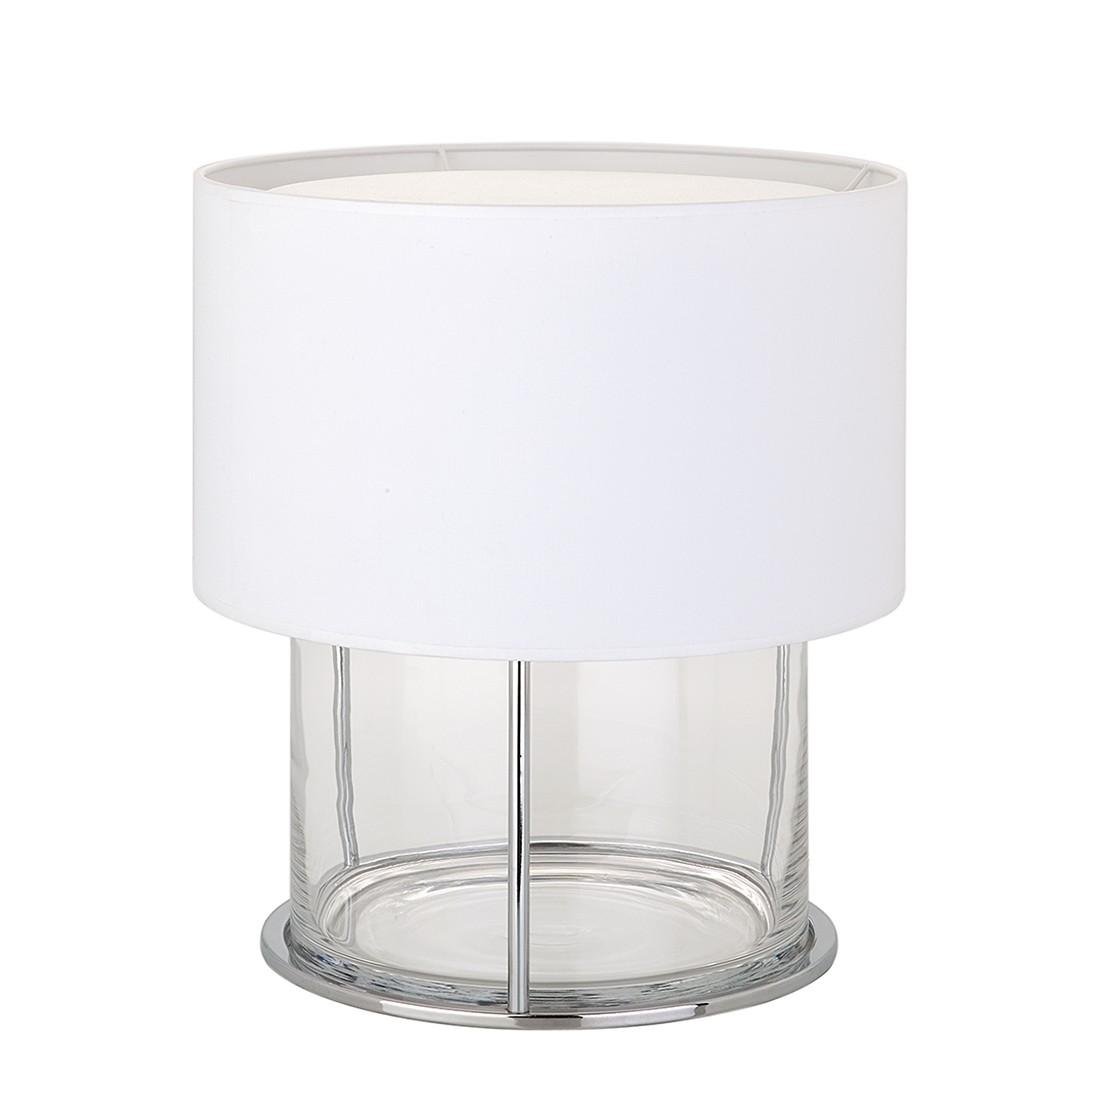 Tischleuchte Boston Zylinder ● Silber/Weiß ● 1-flammig- Villeroy und Boch A++